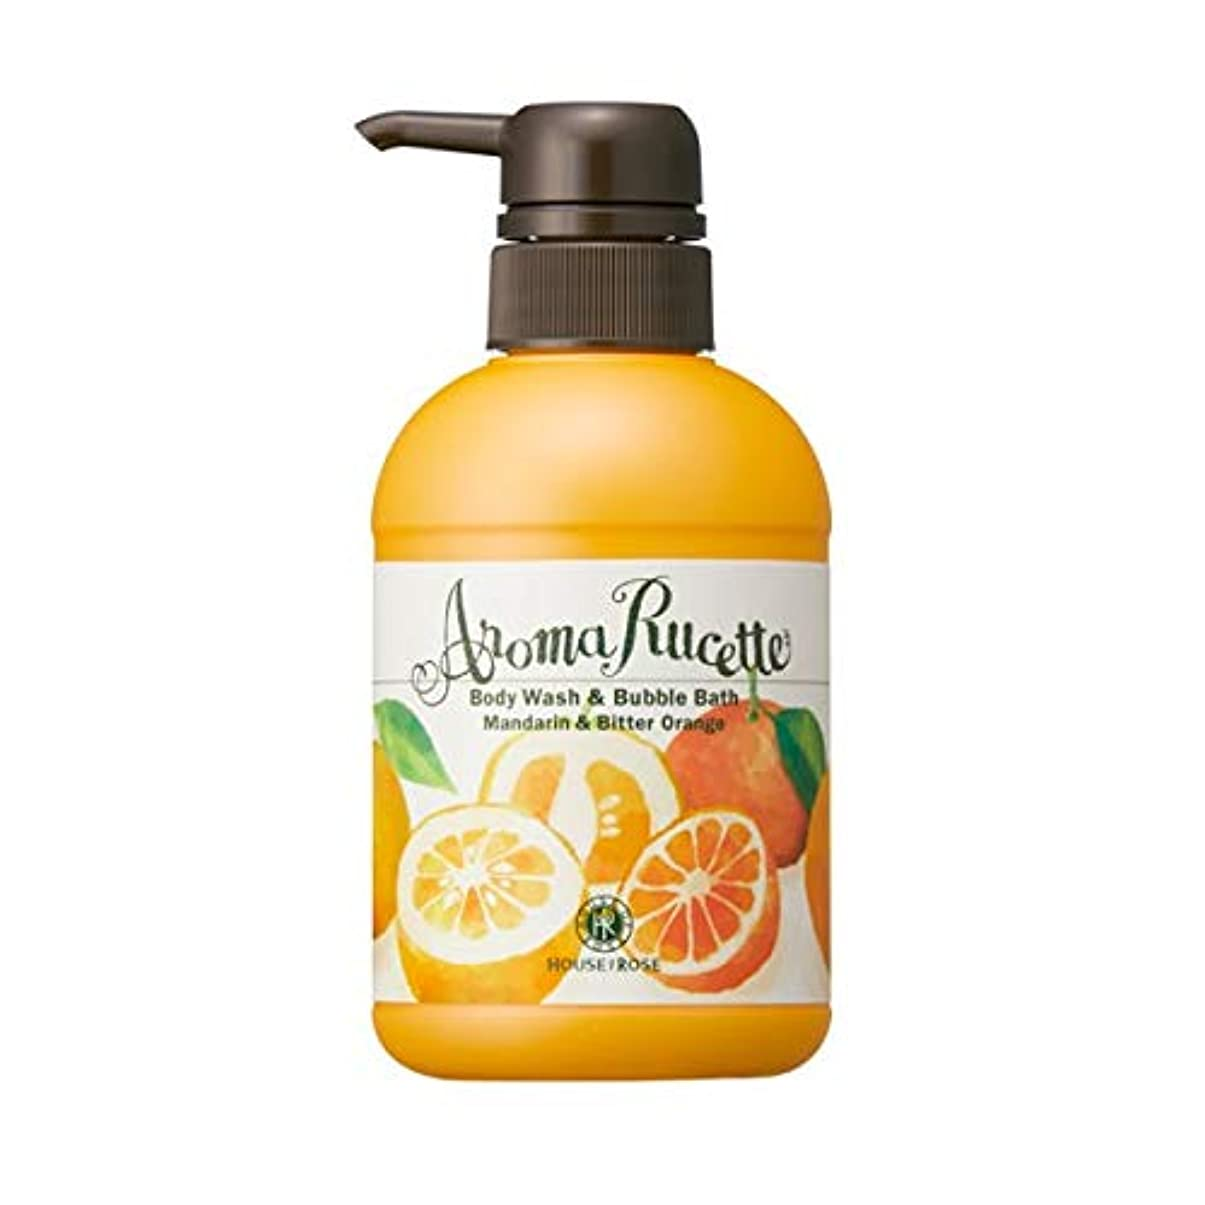 十分です放散するサラダHOUSE OF ROSE(ハウスオブローゼ) ハウスオブローゼ/アロマルセット ボディウォッシュ&バブルバス MD&BO(マンダリン&ビターオレンジの香り)350mL